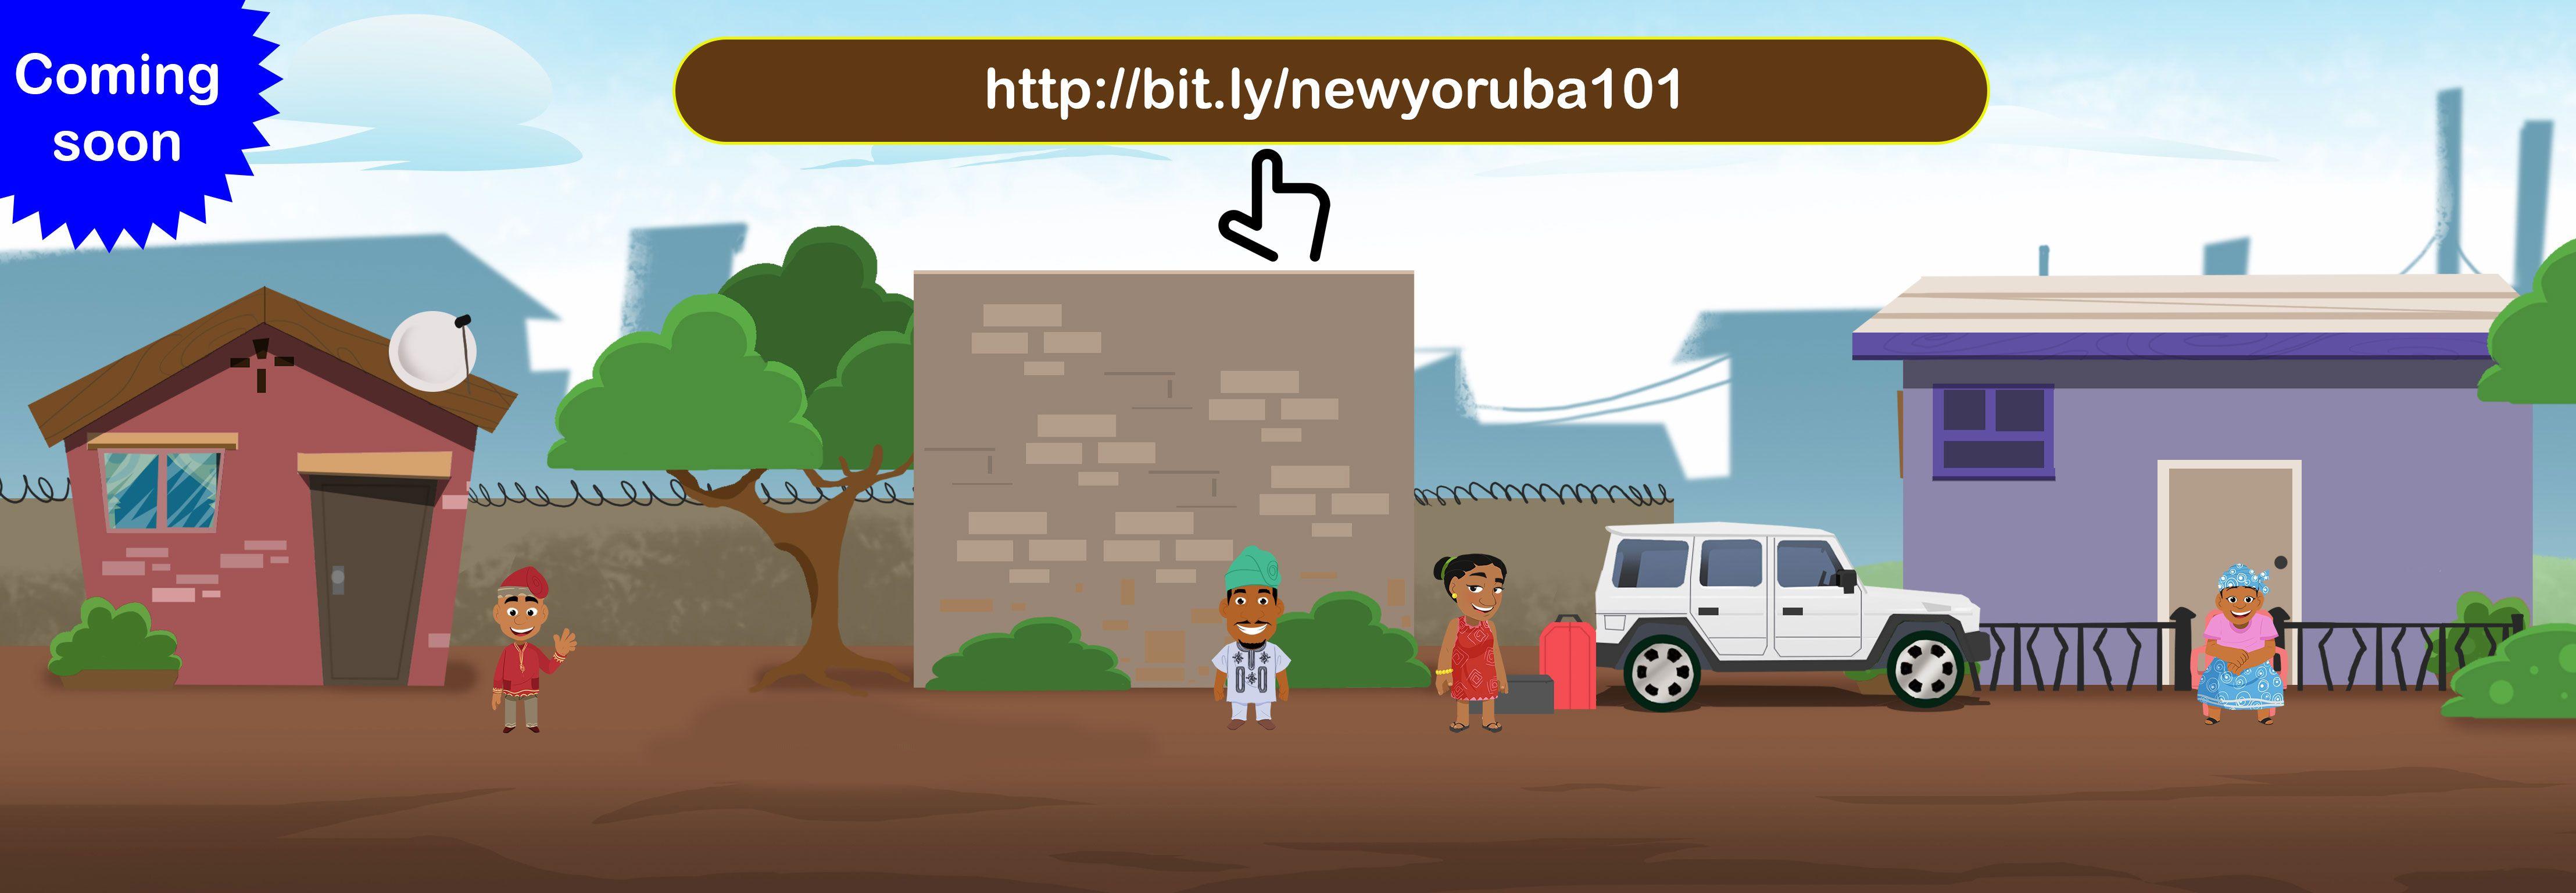 New Yoruba101 App Kids learning, Help kids learn, App